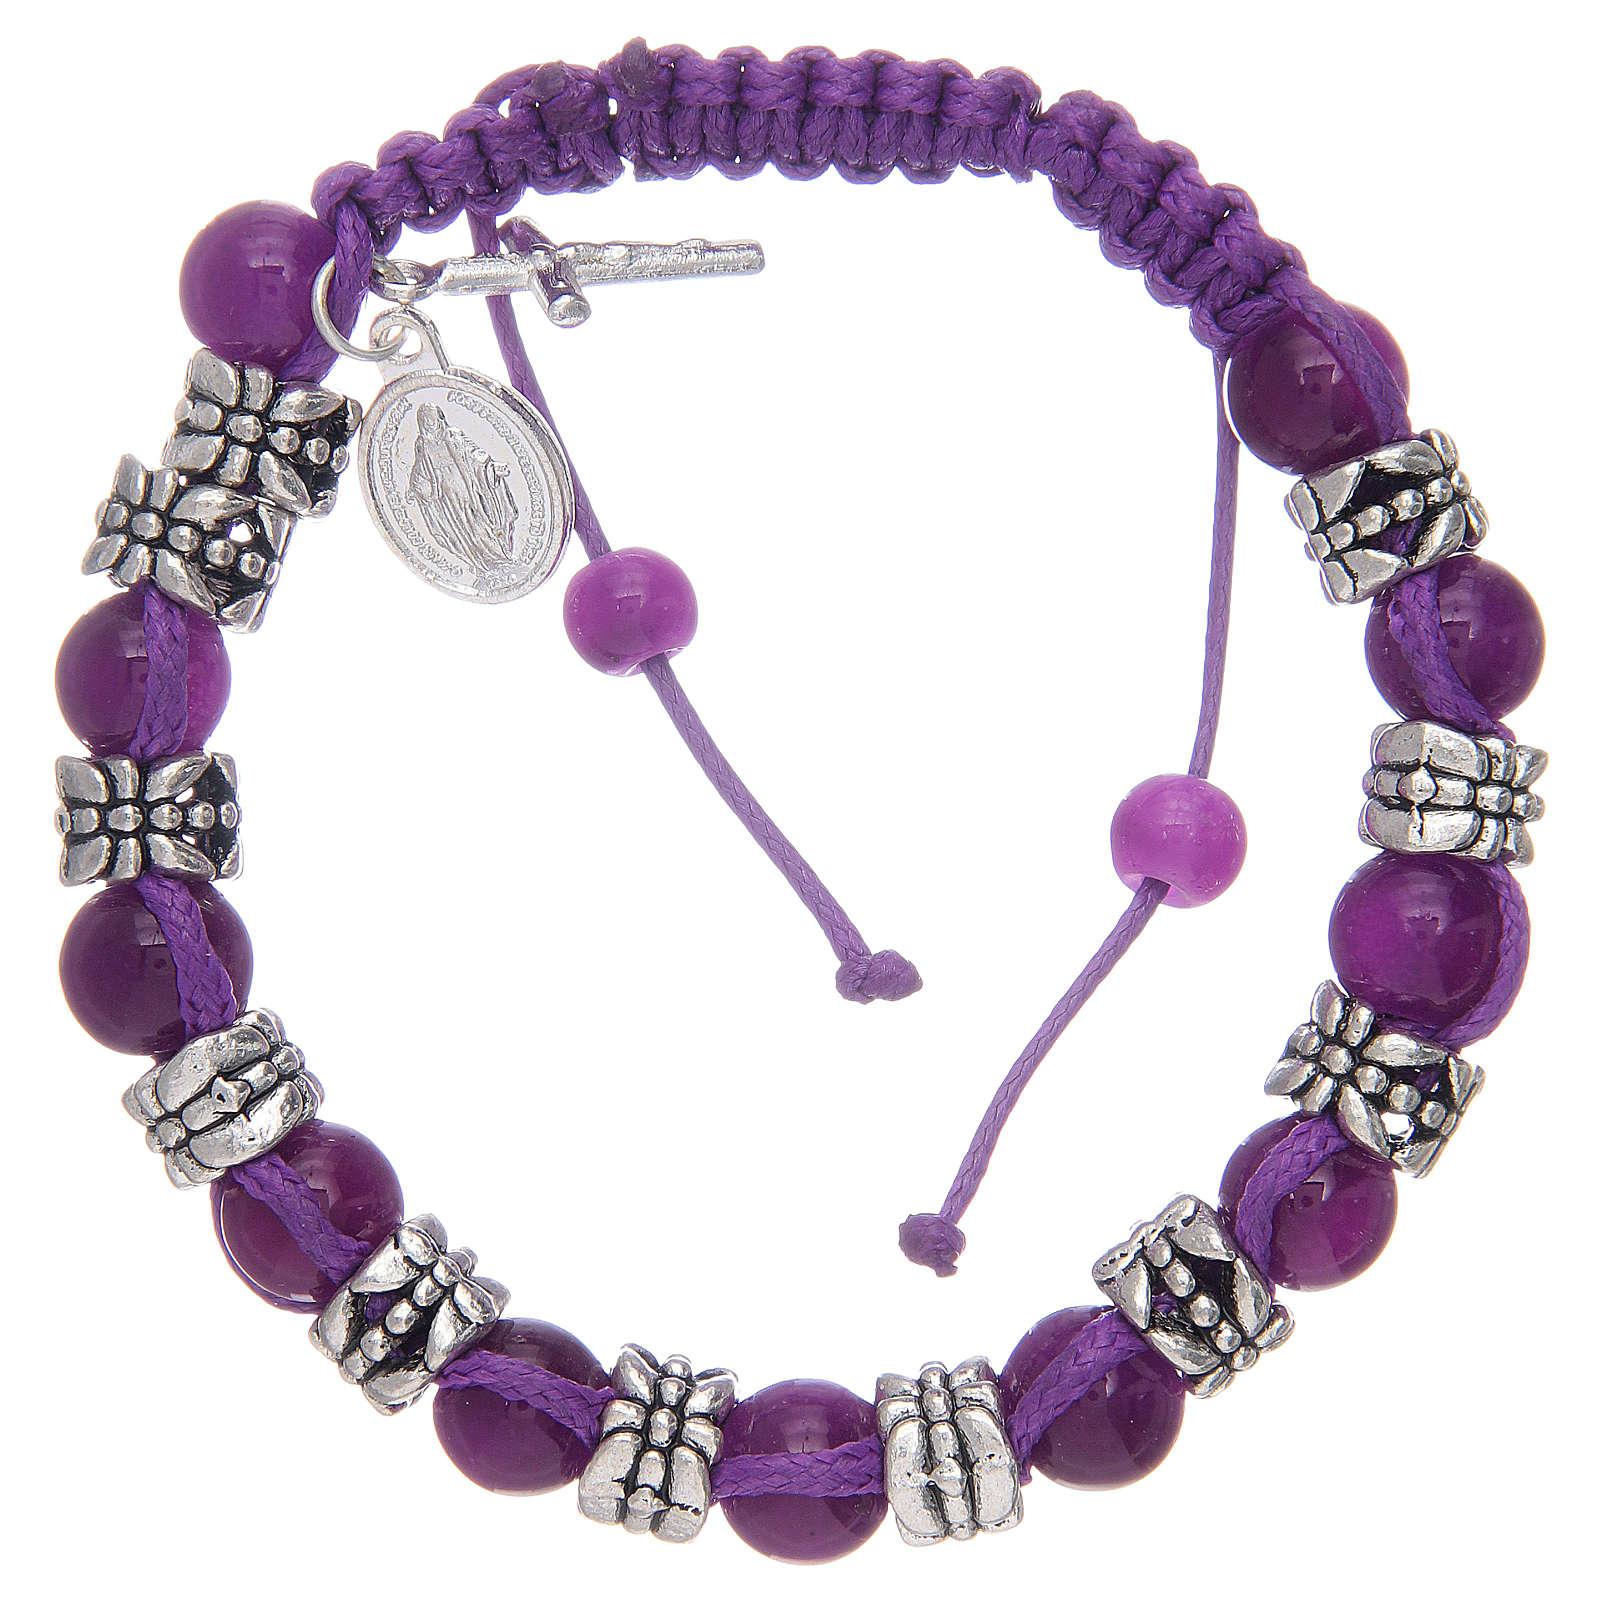 Bracelet avec grains en verre et métal sur corde coloré 4